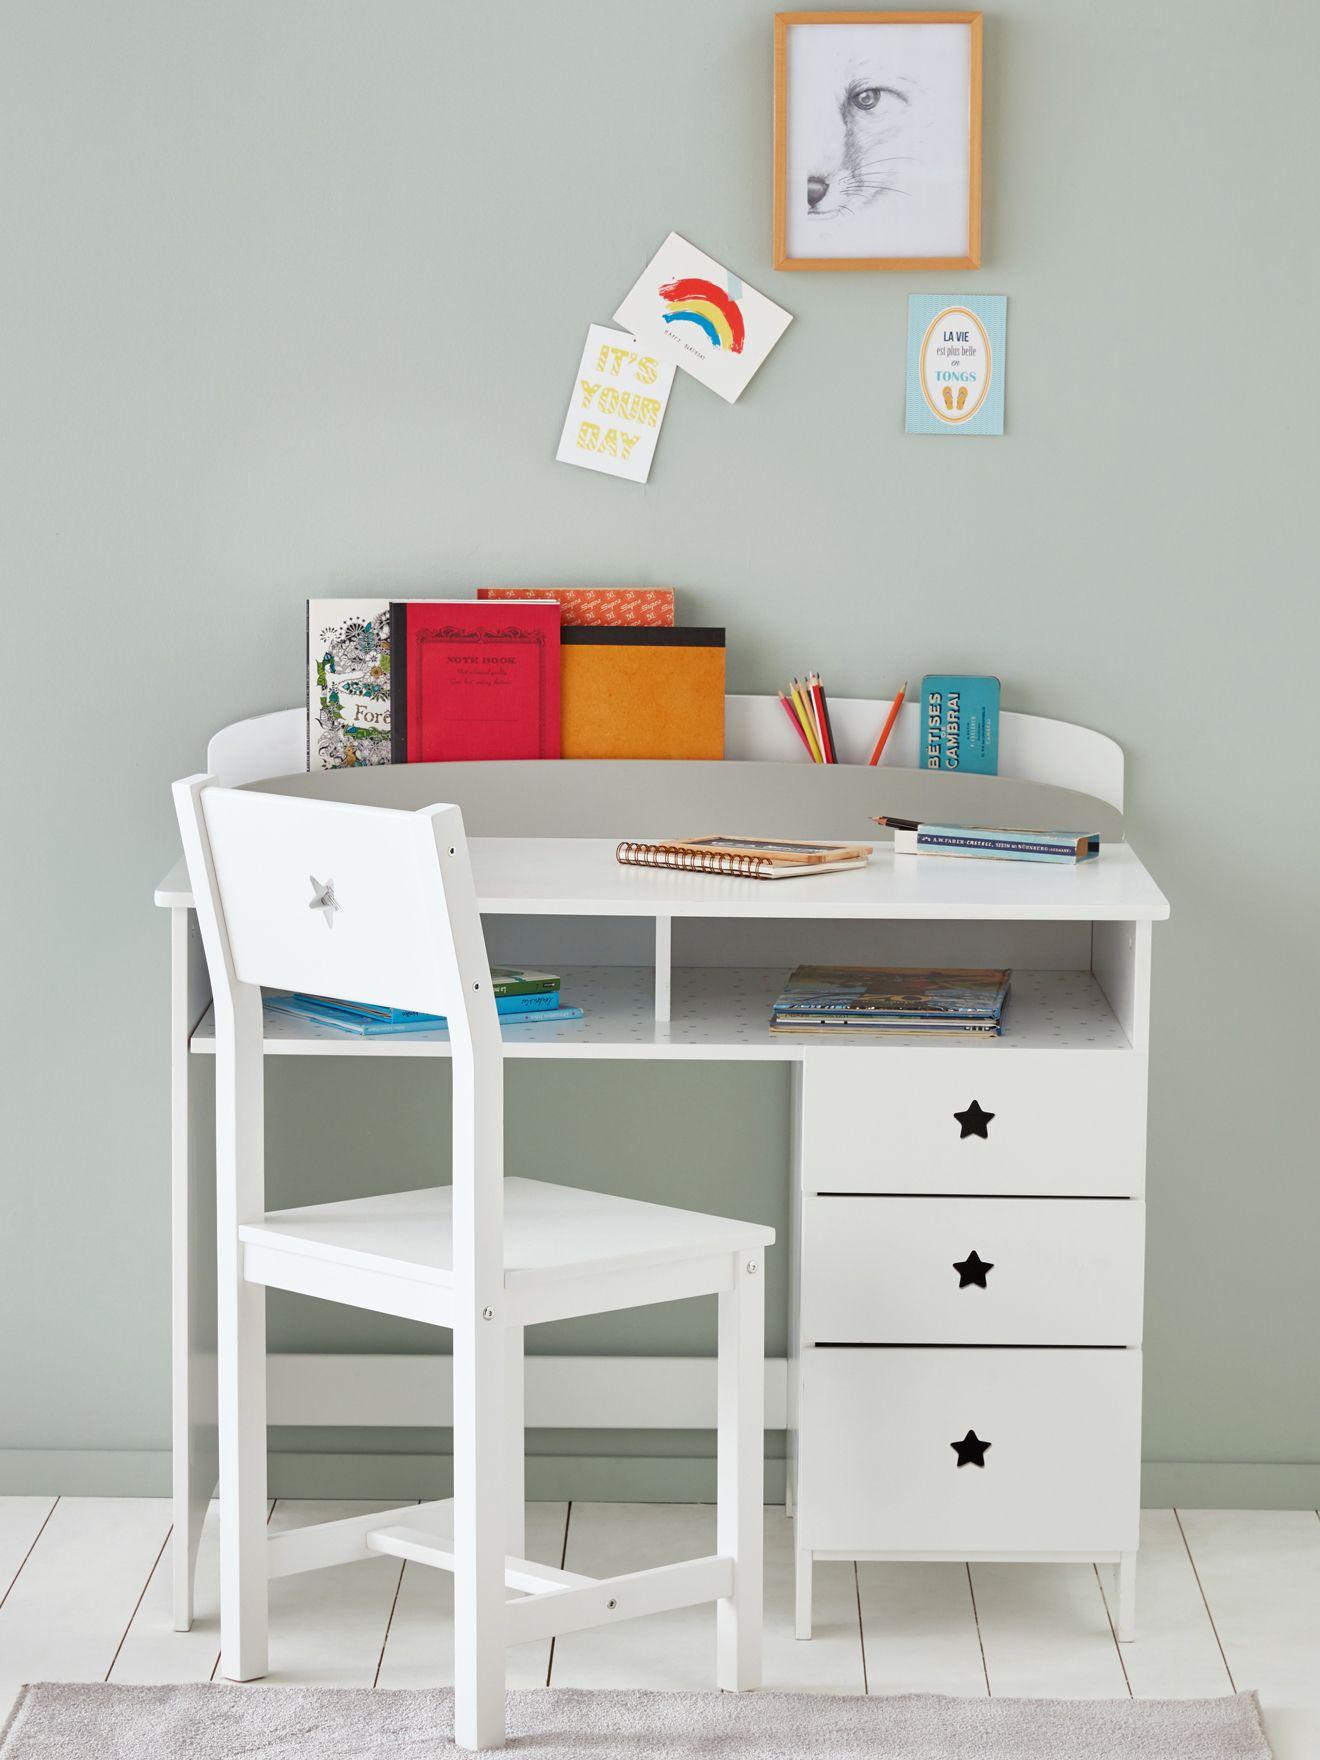 Ambiance Schreibtisch Sirius Arbeitshohe 75 Cm Kinderstuhl